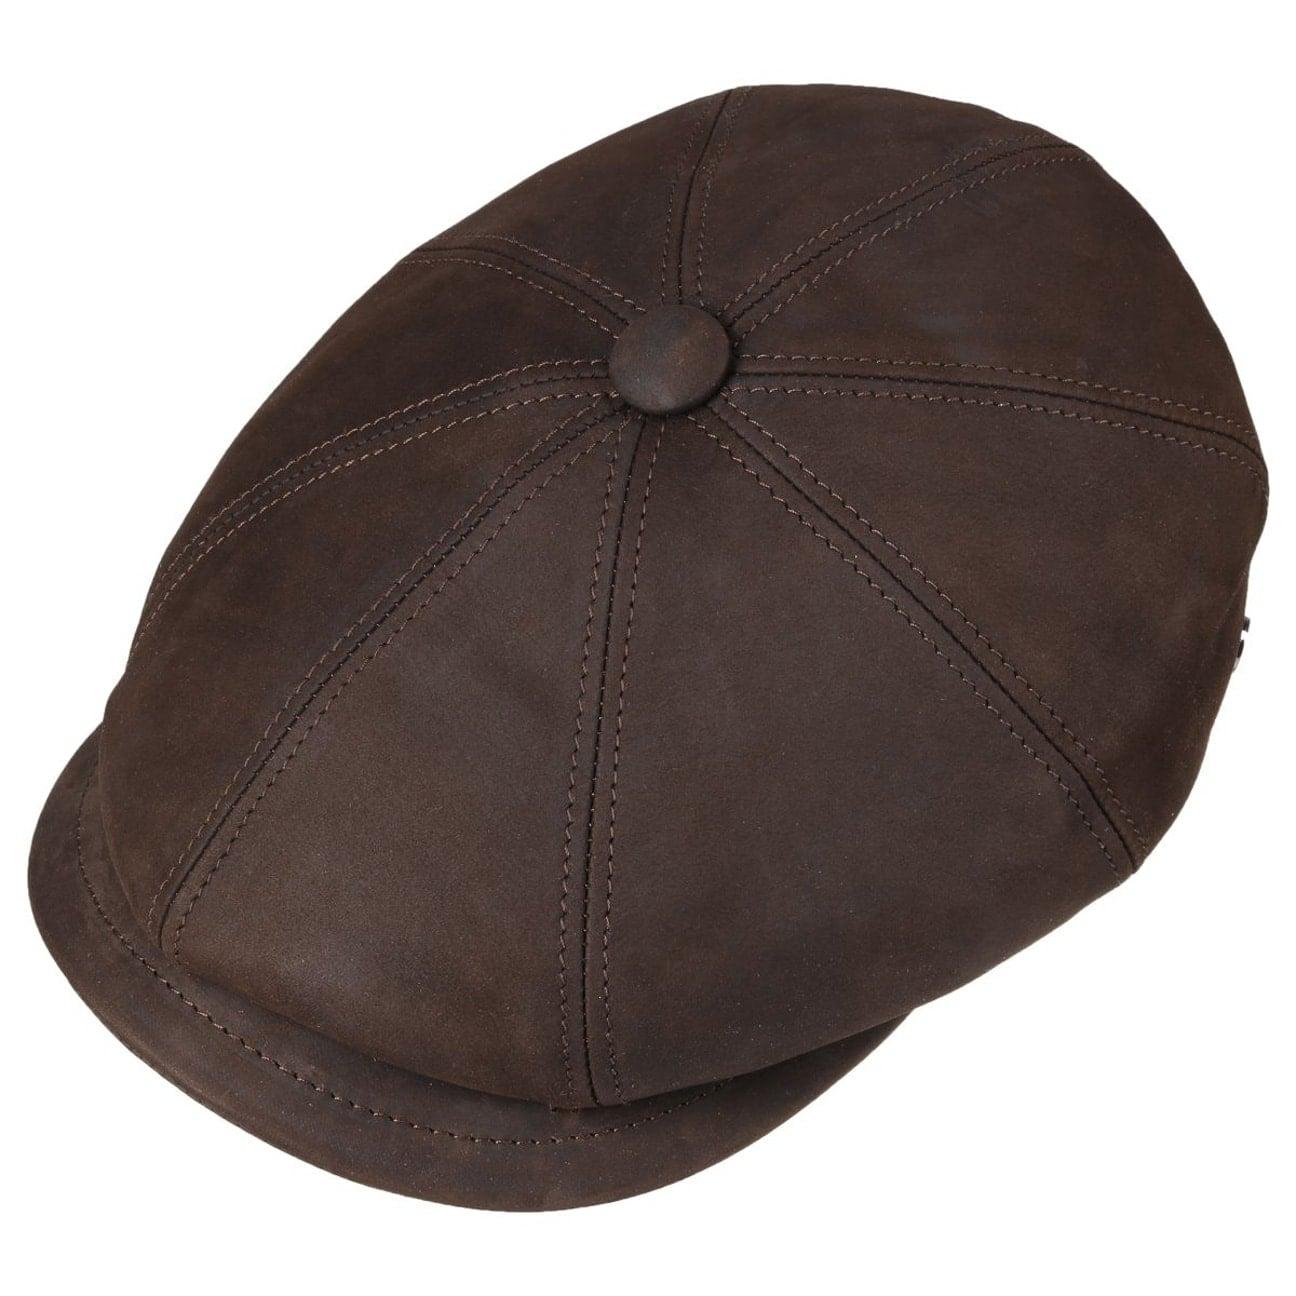 7f0e89cc7fa86f ... Nappa Wax Leather Flat Cap by Lierys - dark brown 2 ...